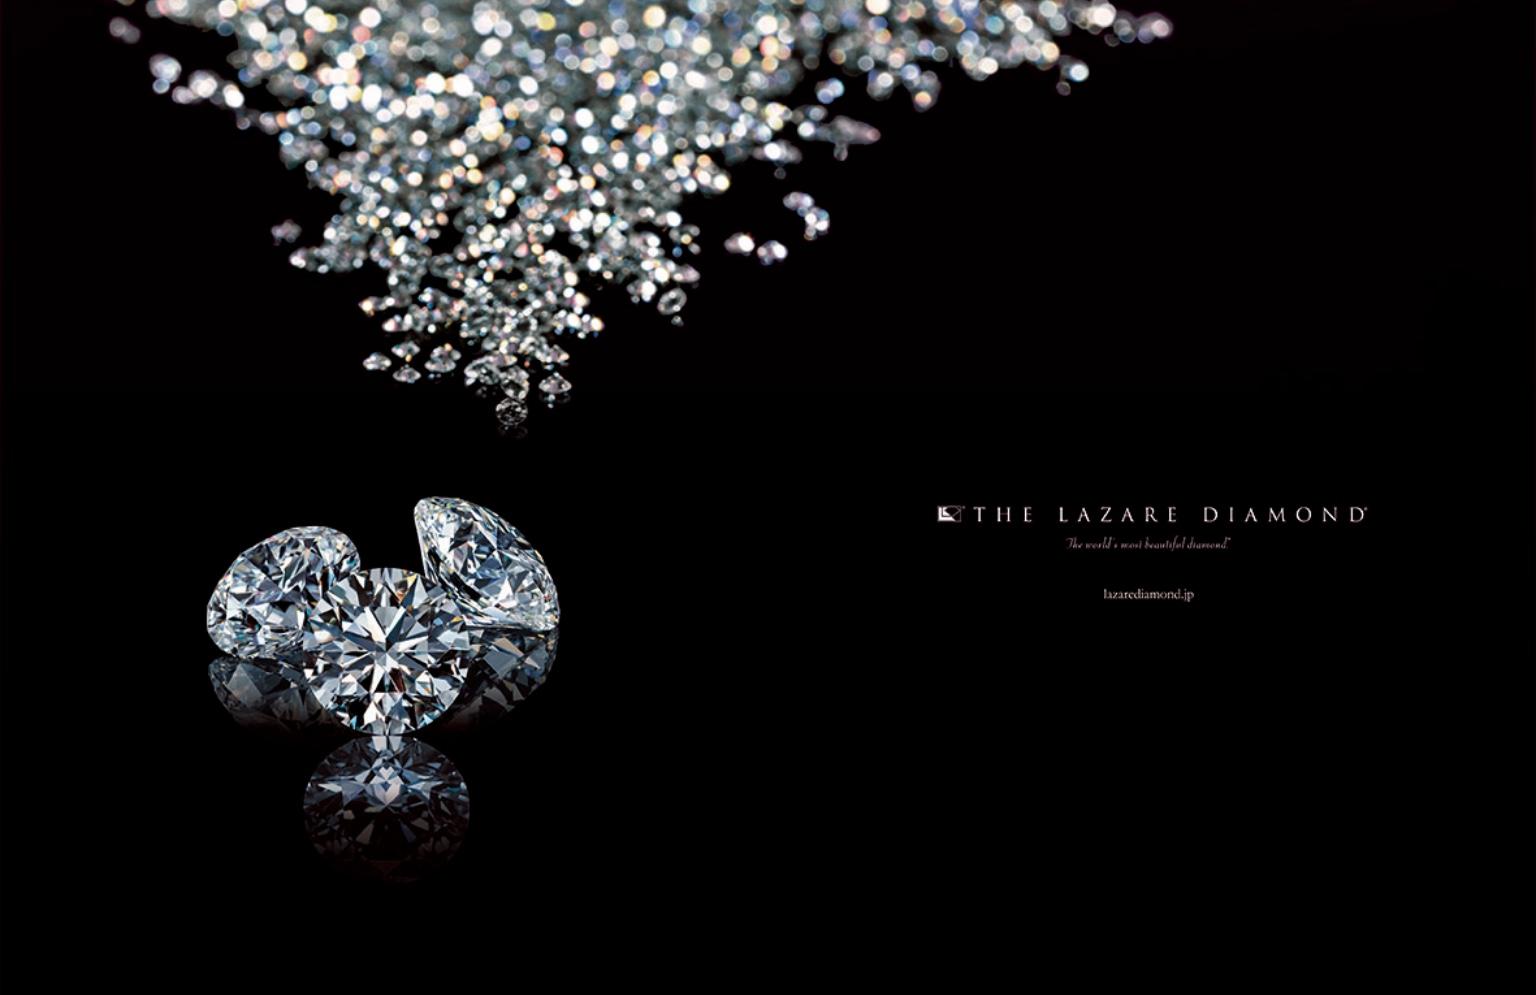 【世界三大ダイヤモンドブランド】世界で最も美しいダイヤモンドと称される輝きの秘密【ラザールダイヤモンド】